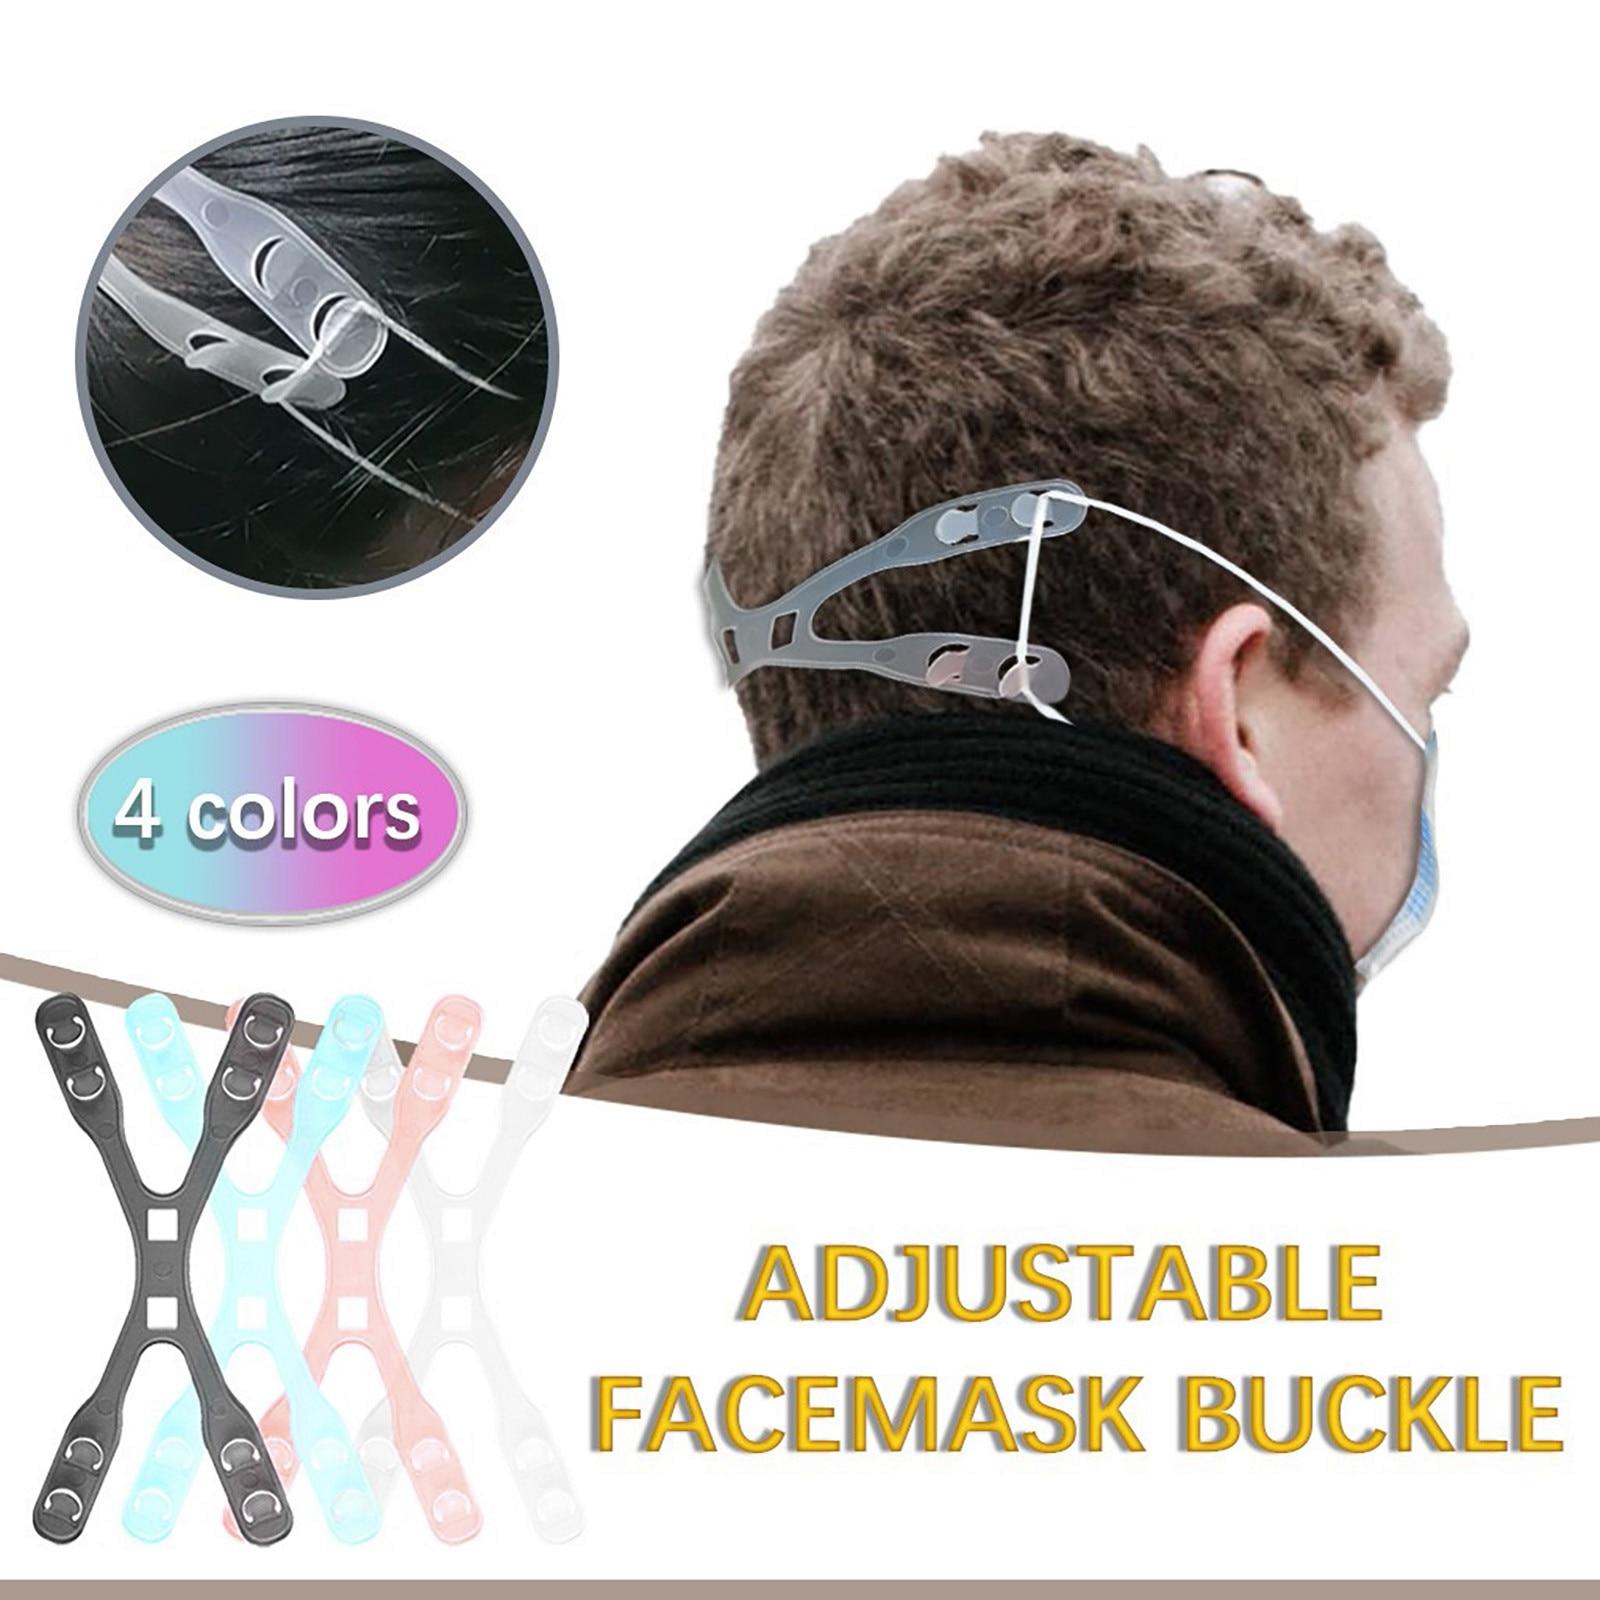 Maska przedłużacz do uszu klamra antypoślizgowa regulowana maska akcesoria haczyk maska klamra do uszu uchwyt przedłużający nauszniki haczyki